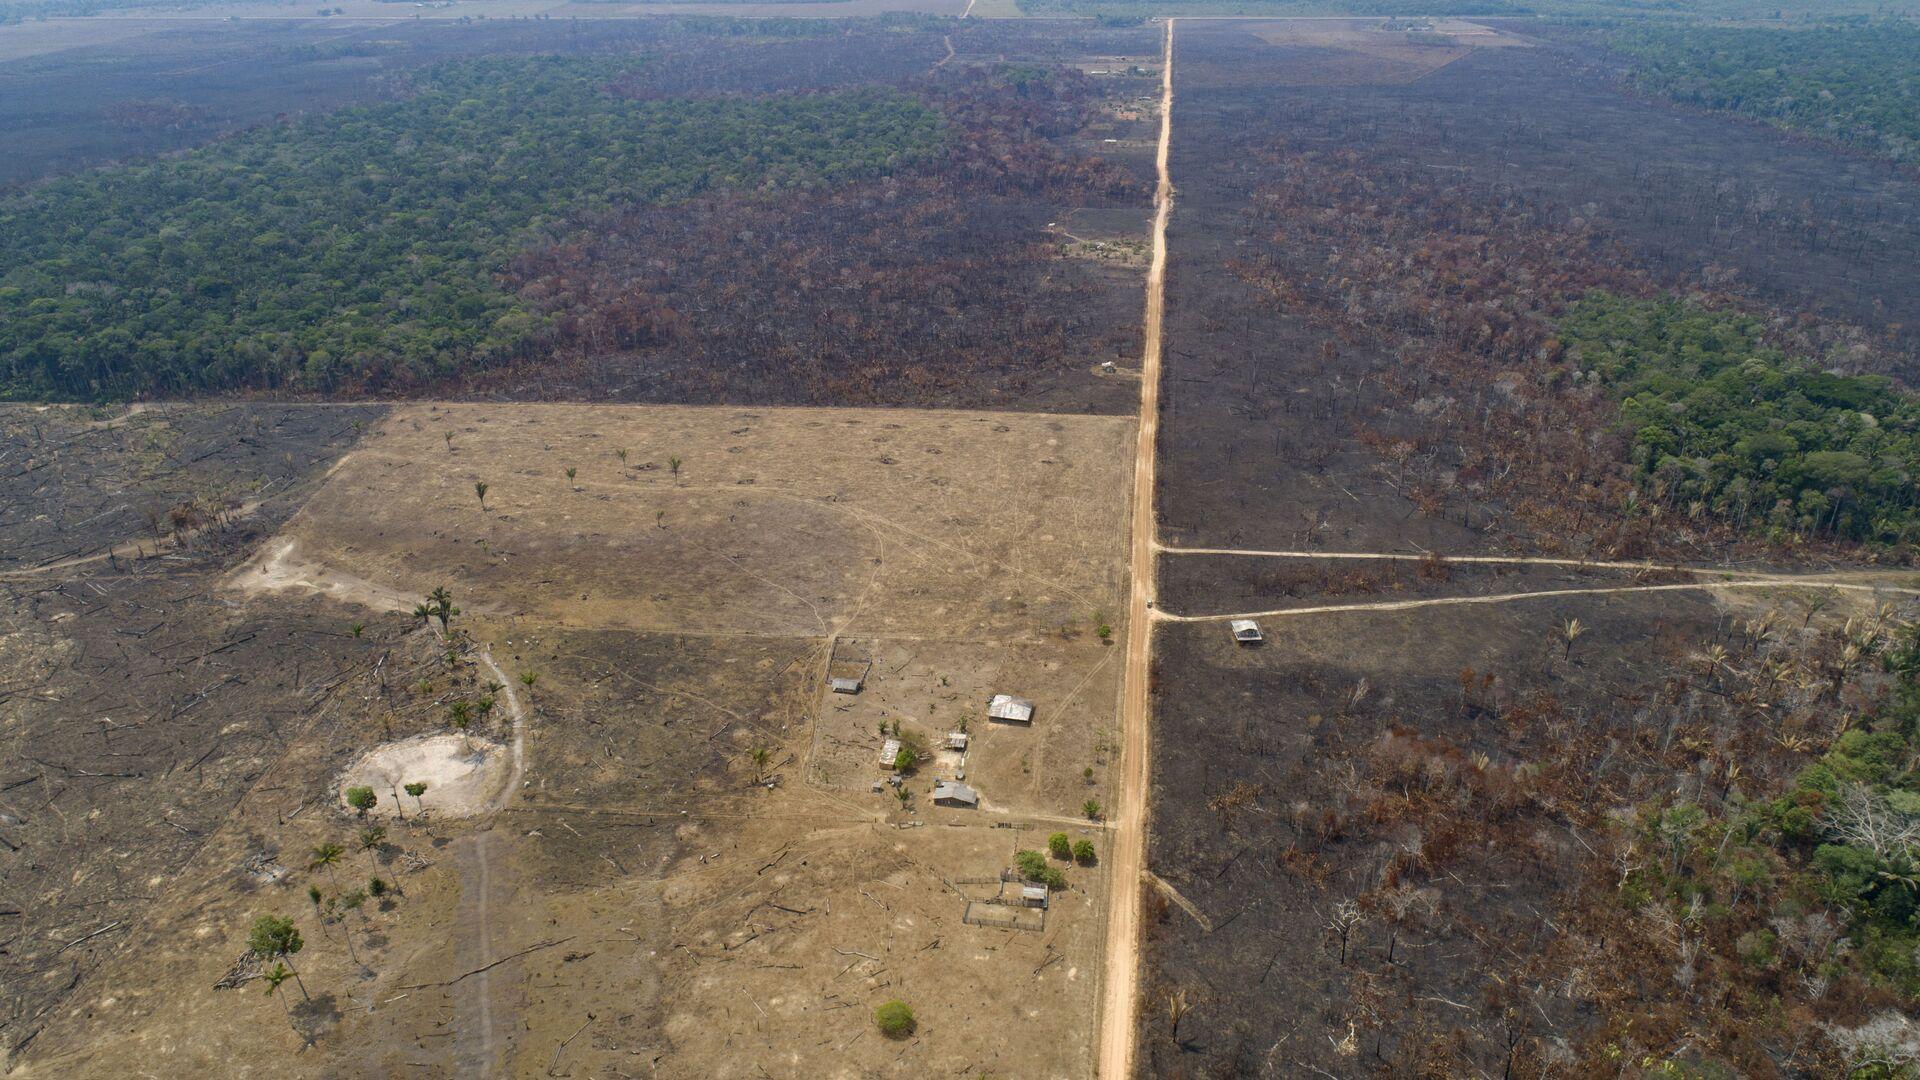 La deforestación en Amazonía - Sputnik Mundo, 1920, 10.02.2021